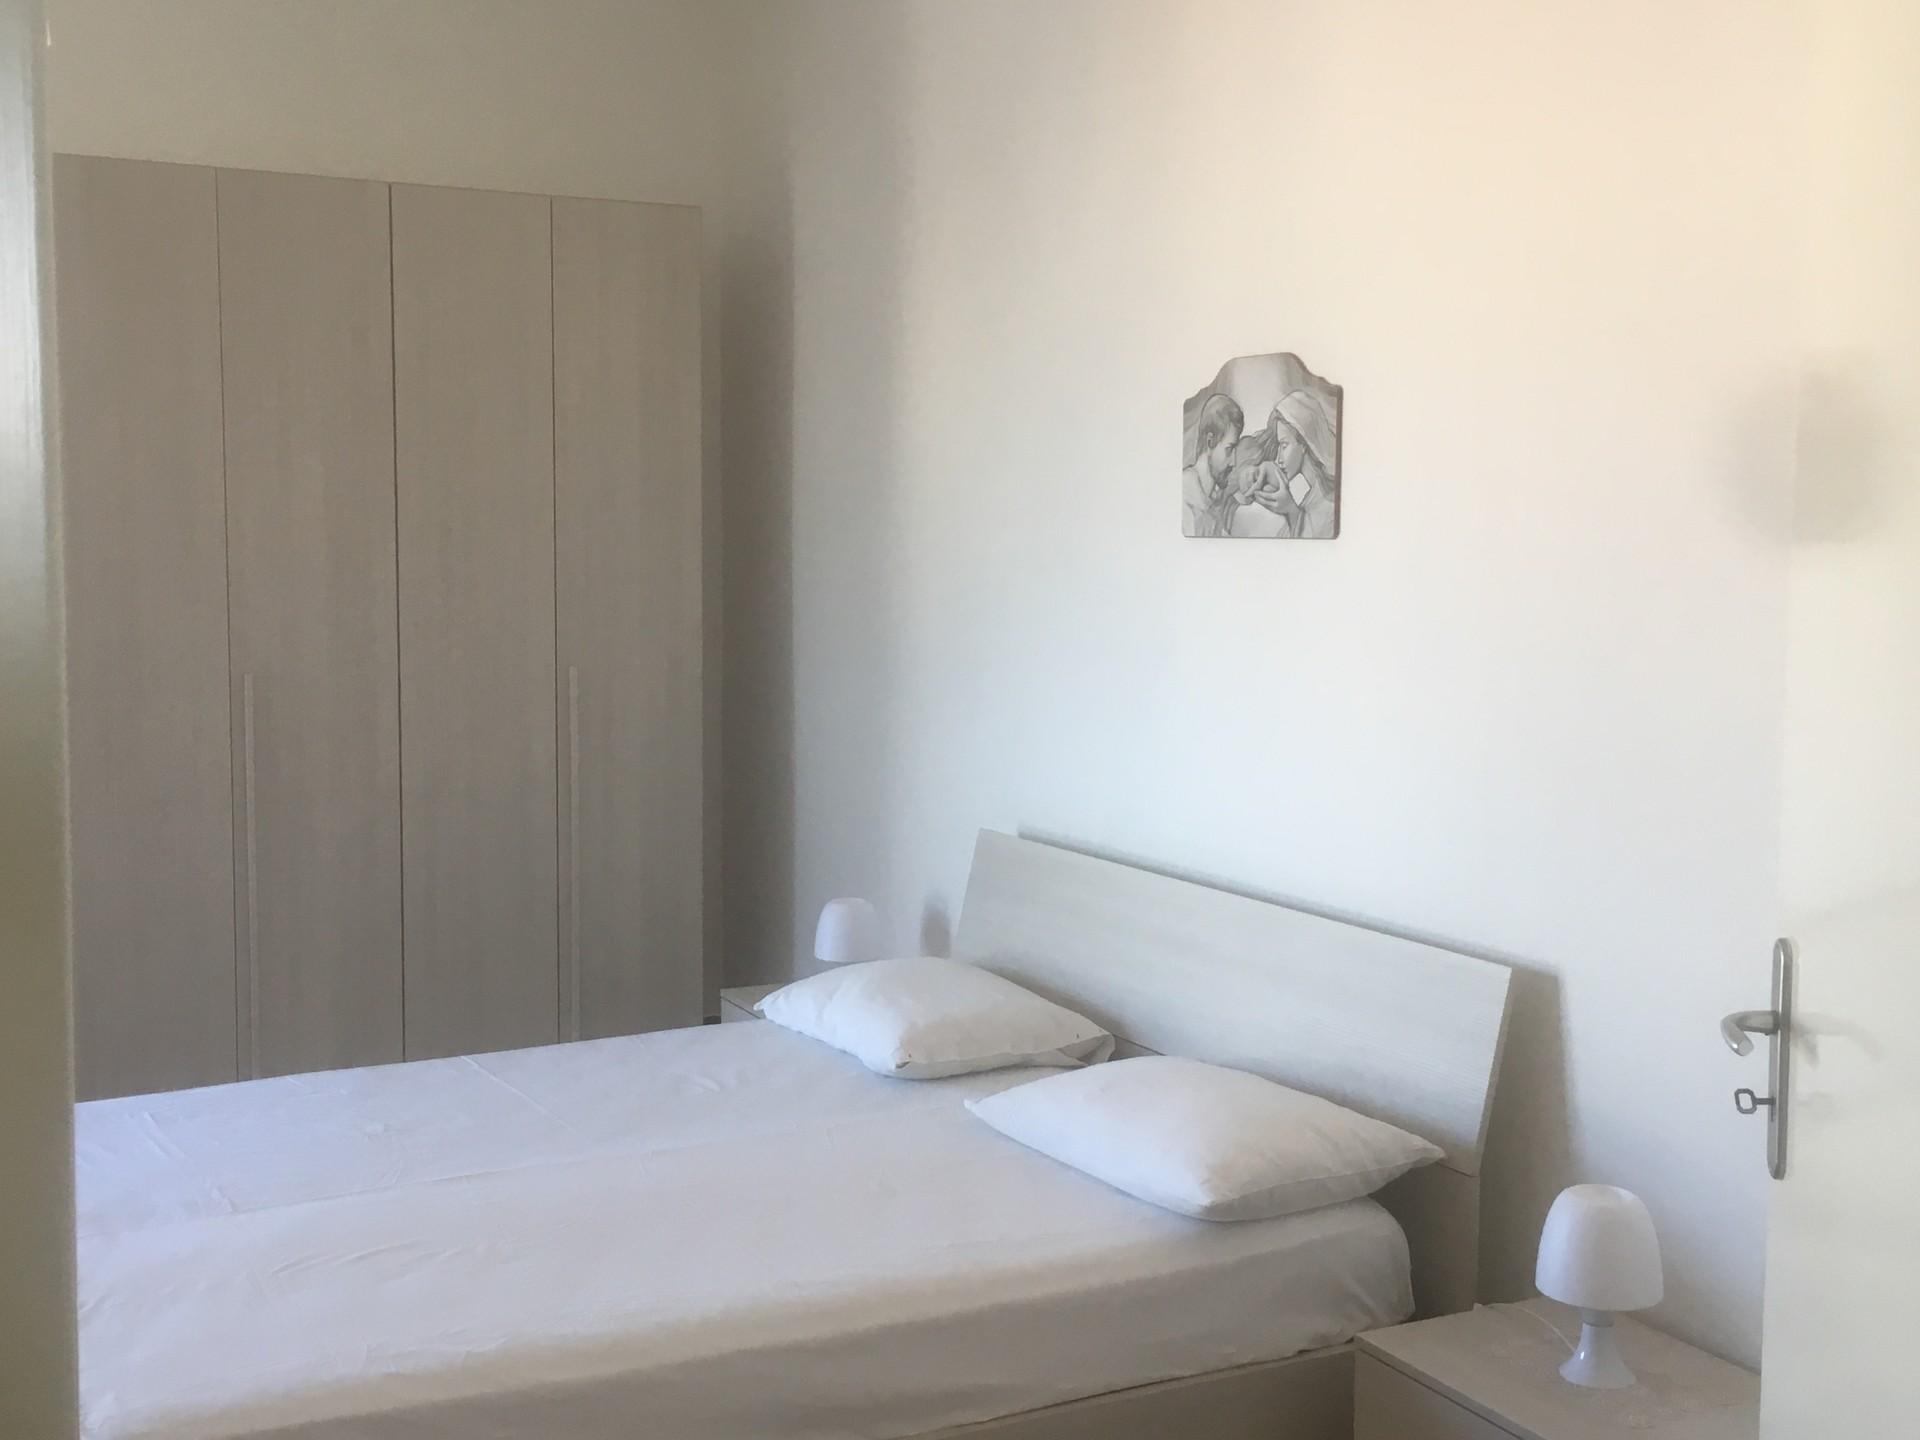 Camera Matrimoniale Per Uso Singolo.Camera Matrimoniale Uso Singola Per Donna Stanze In Affitto Lecce